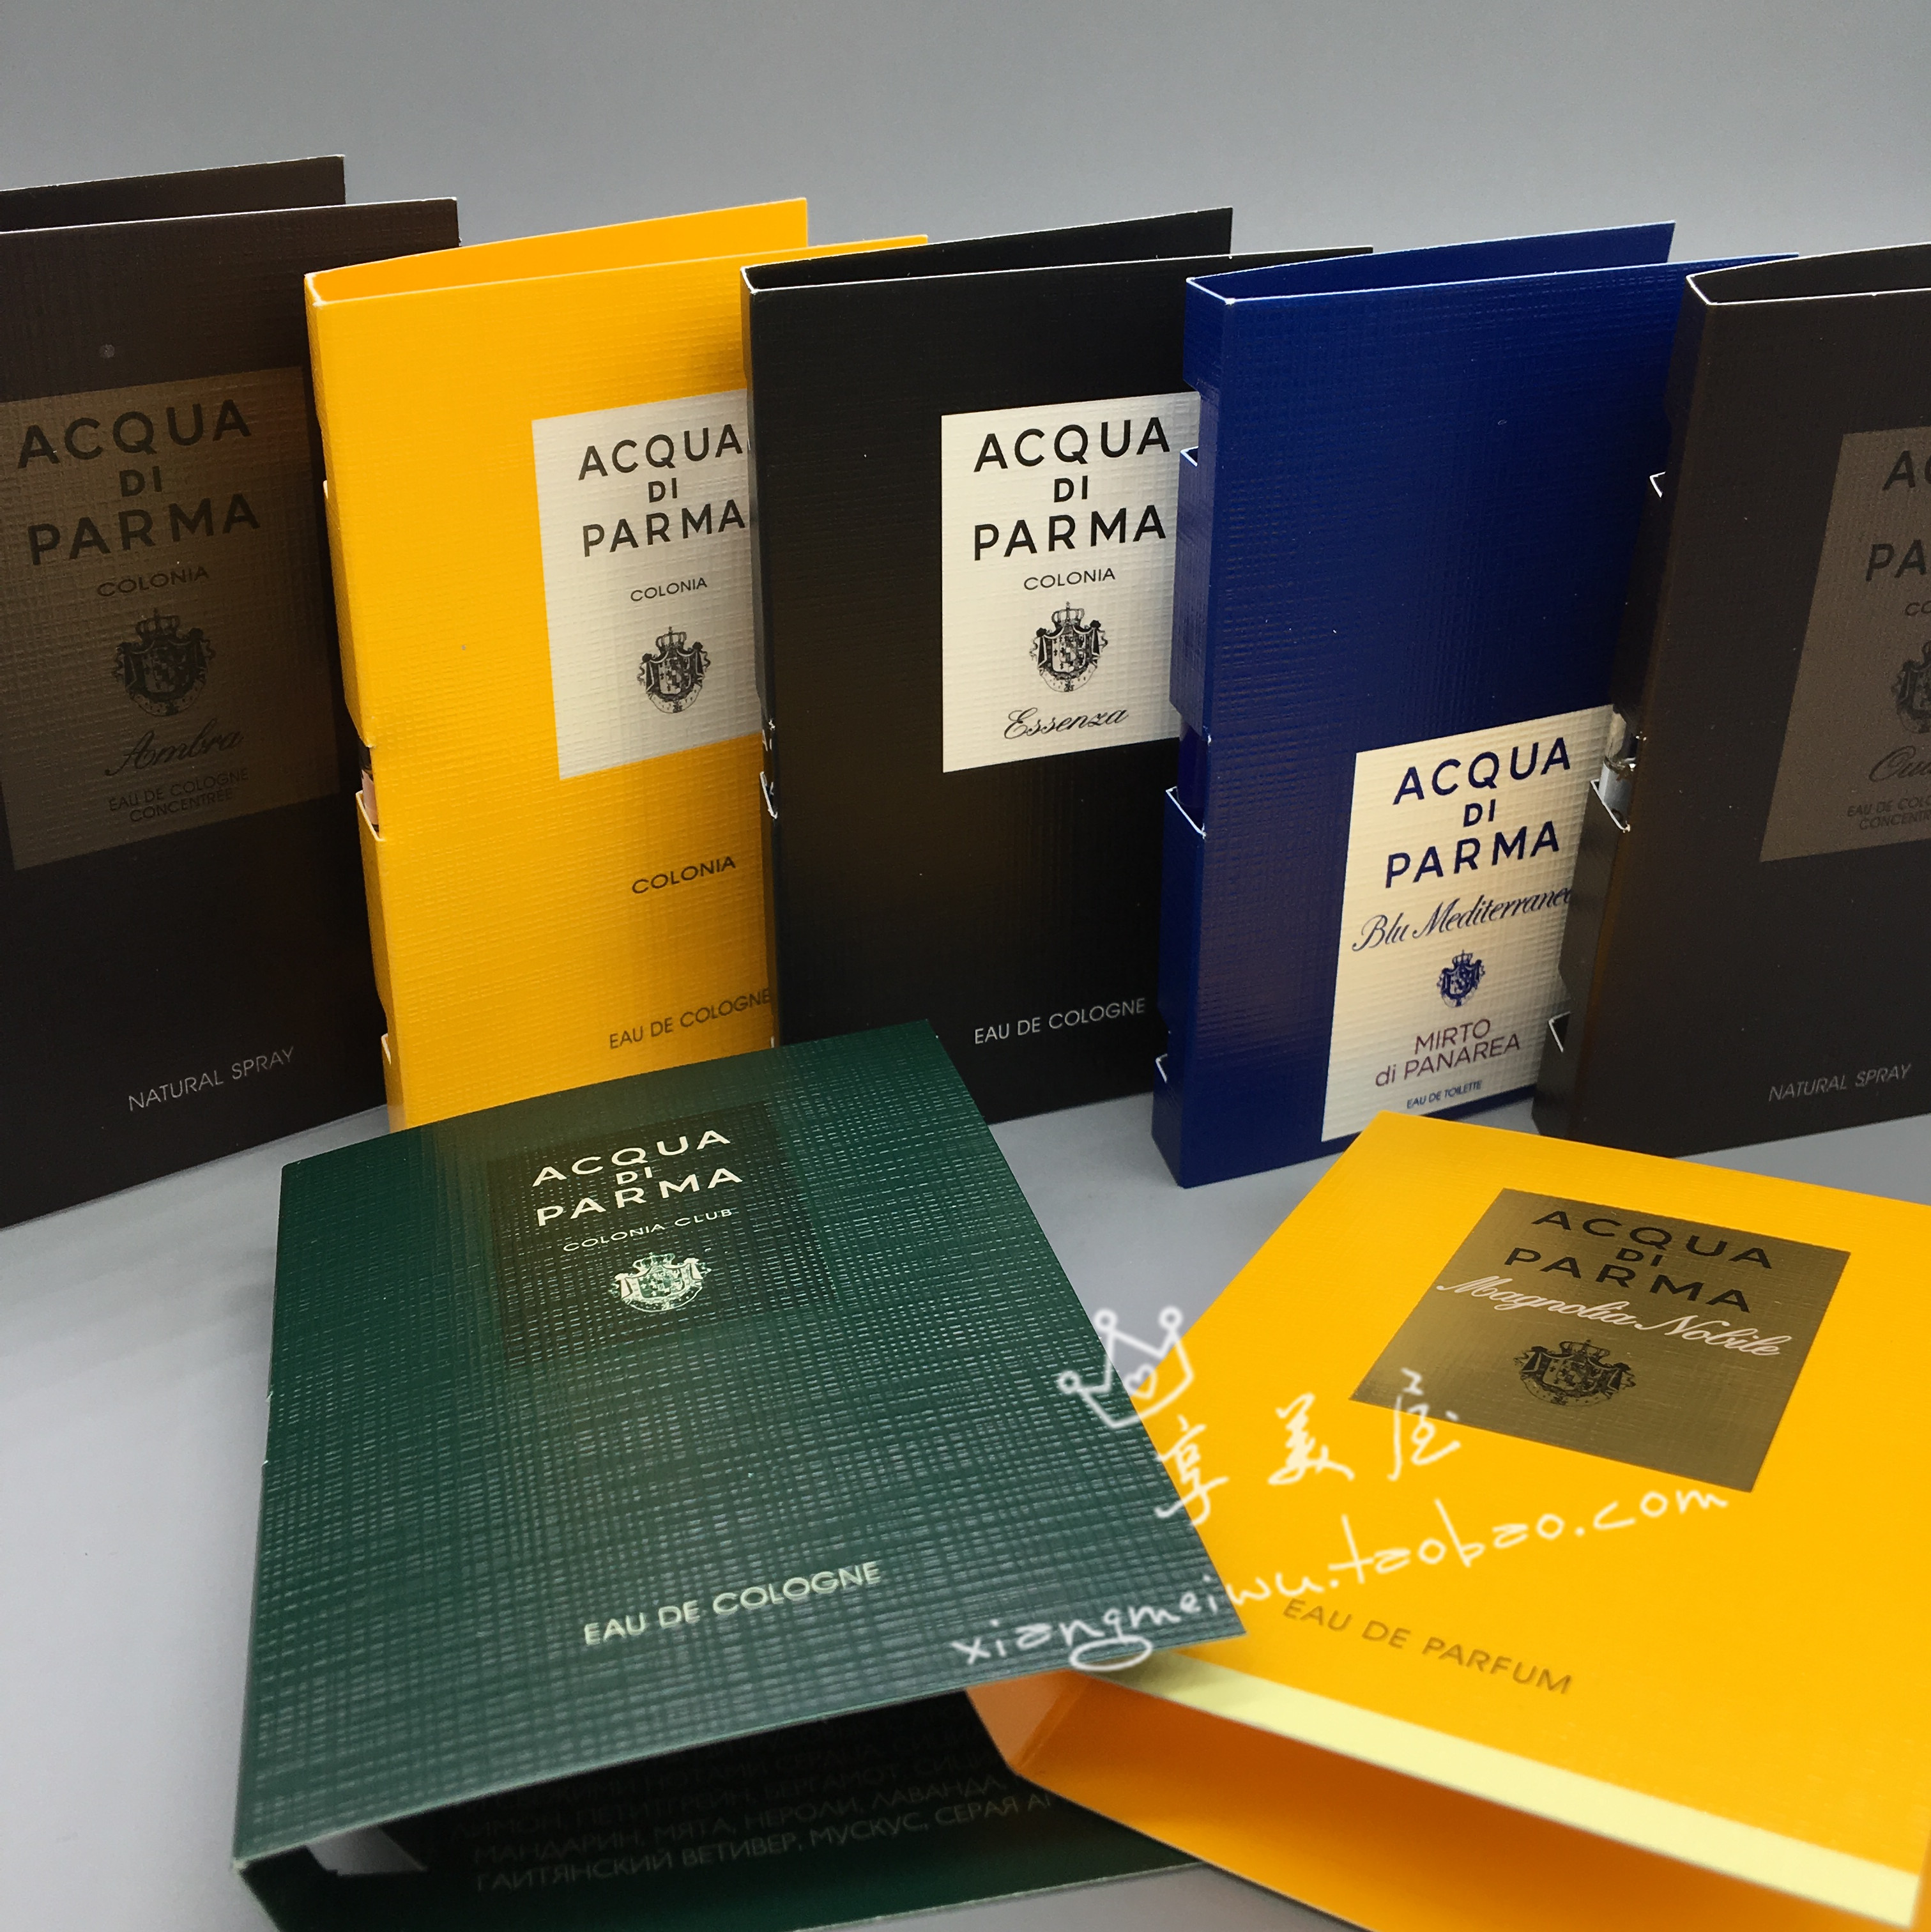 5只包邮 国内专柜 Acqua帕尔马试管香水1.2ml 小样 加州桂 佛手